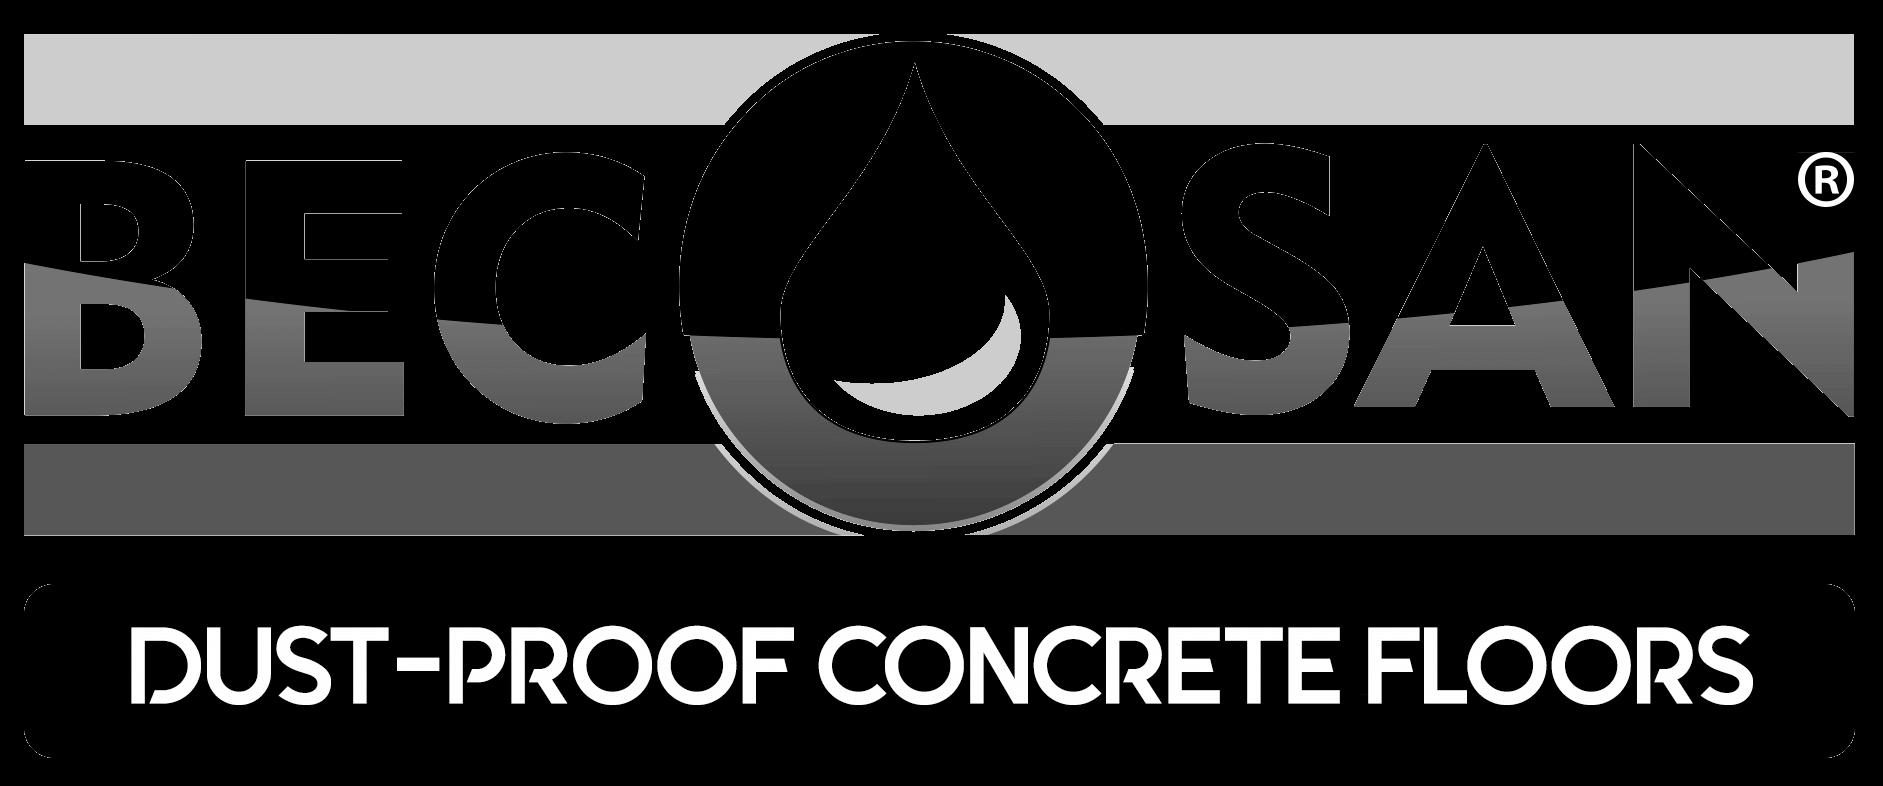 EN-becosan-logo-dustproof-transparent.png